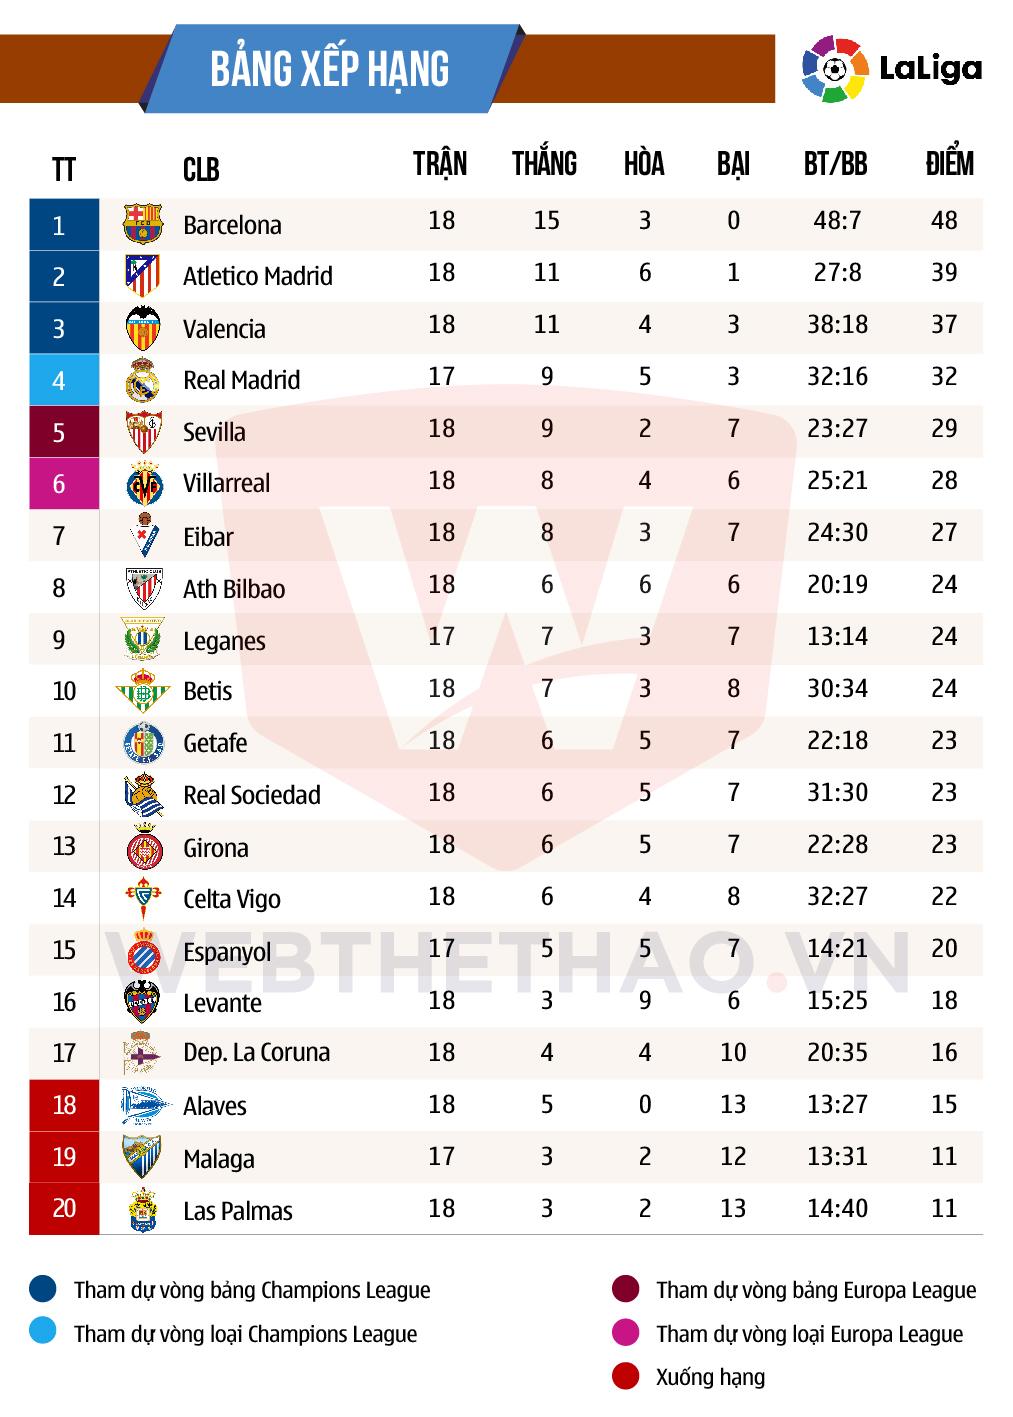 Hình ảnh: Barca đang ngự vững vàng trên đỉnh Liga